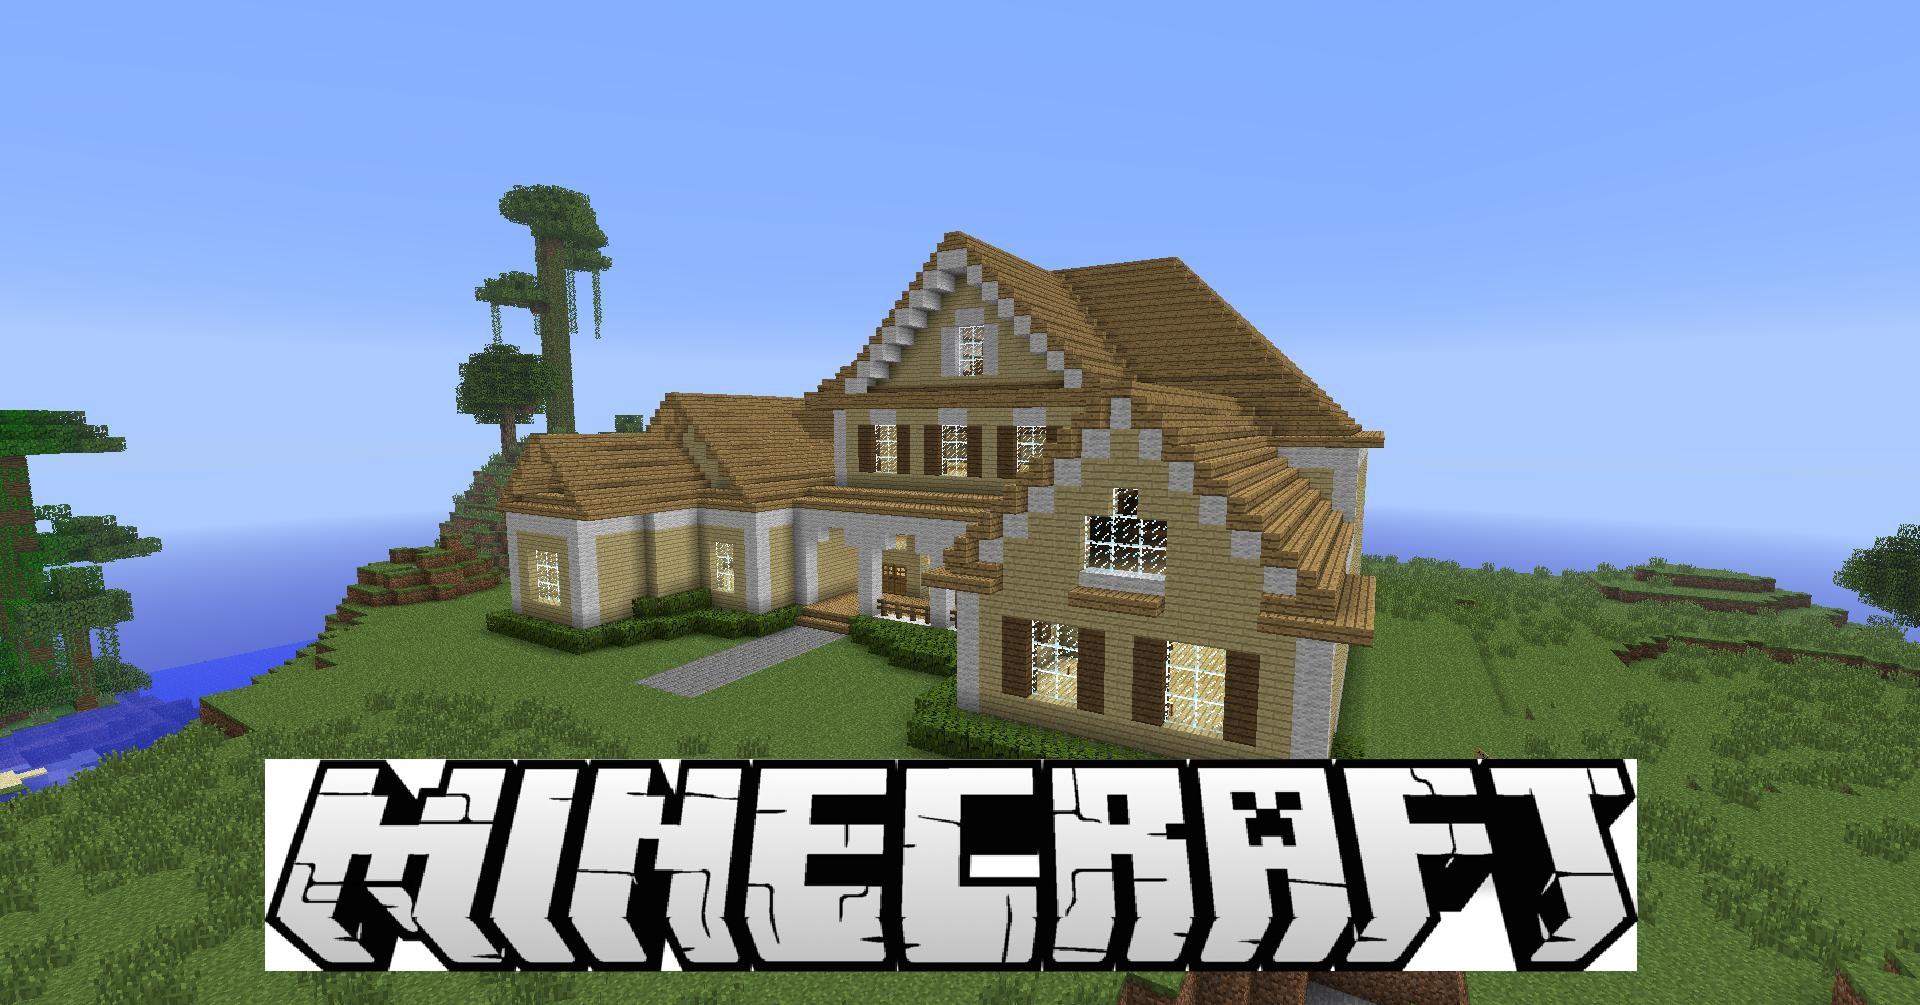 Minecraft: Häuser bauen leicht gemacht – so geht's – GIG size: 1920 x 1005 post ID: 5 File size: 0 B